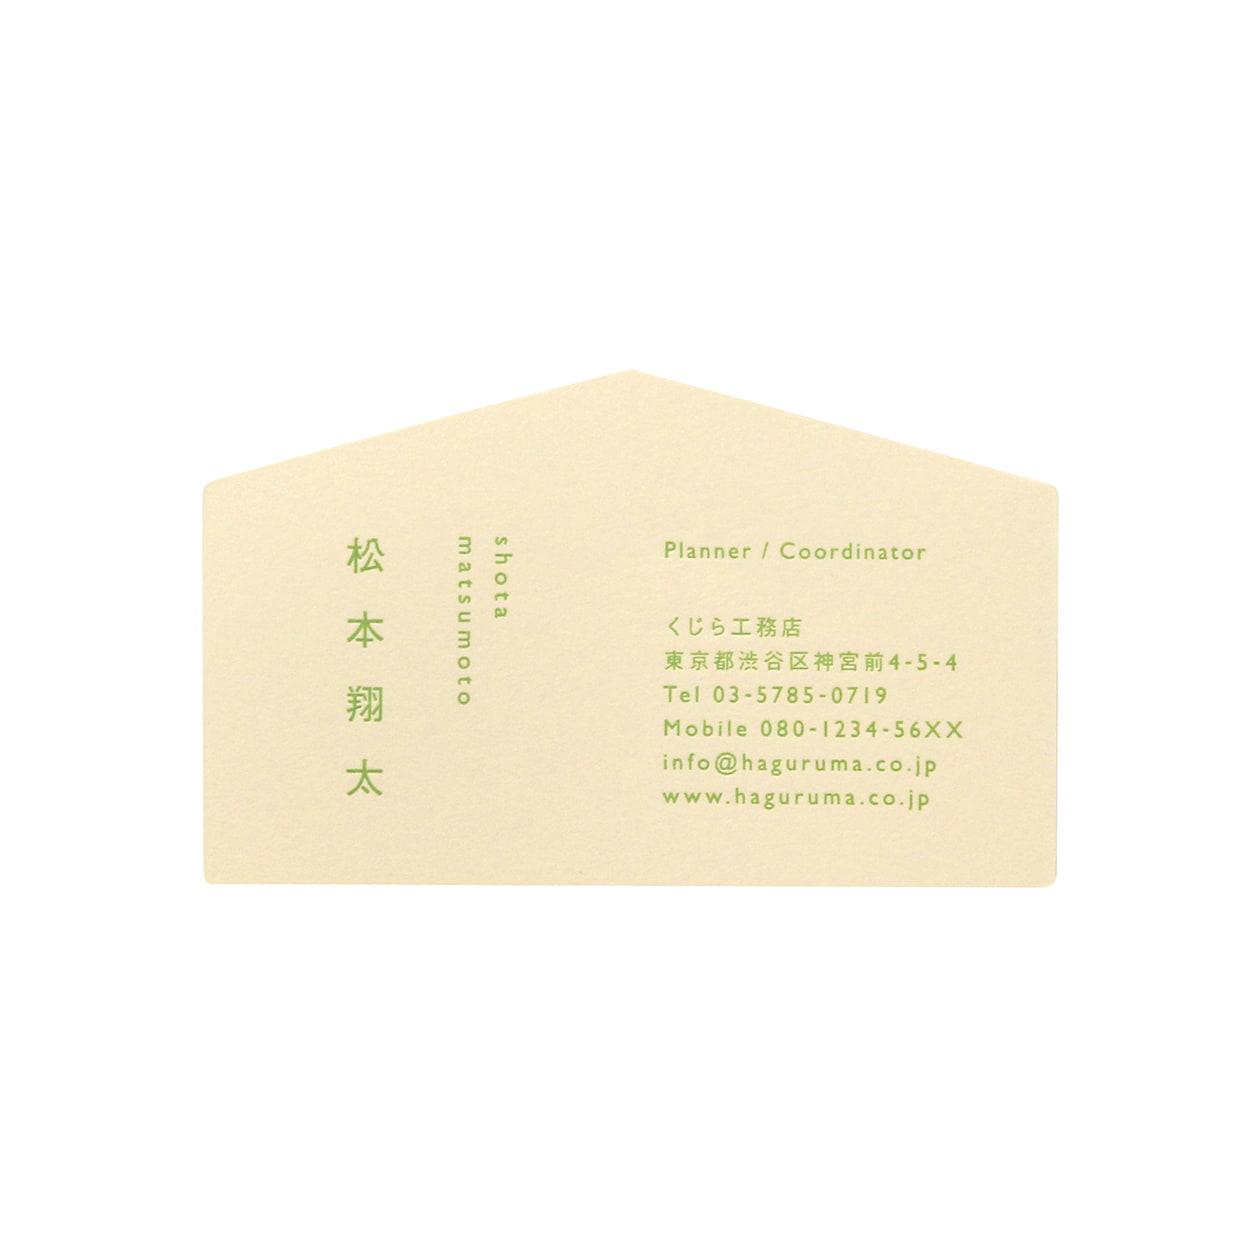 サンプル カード・シート 00364